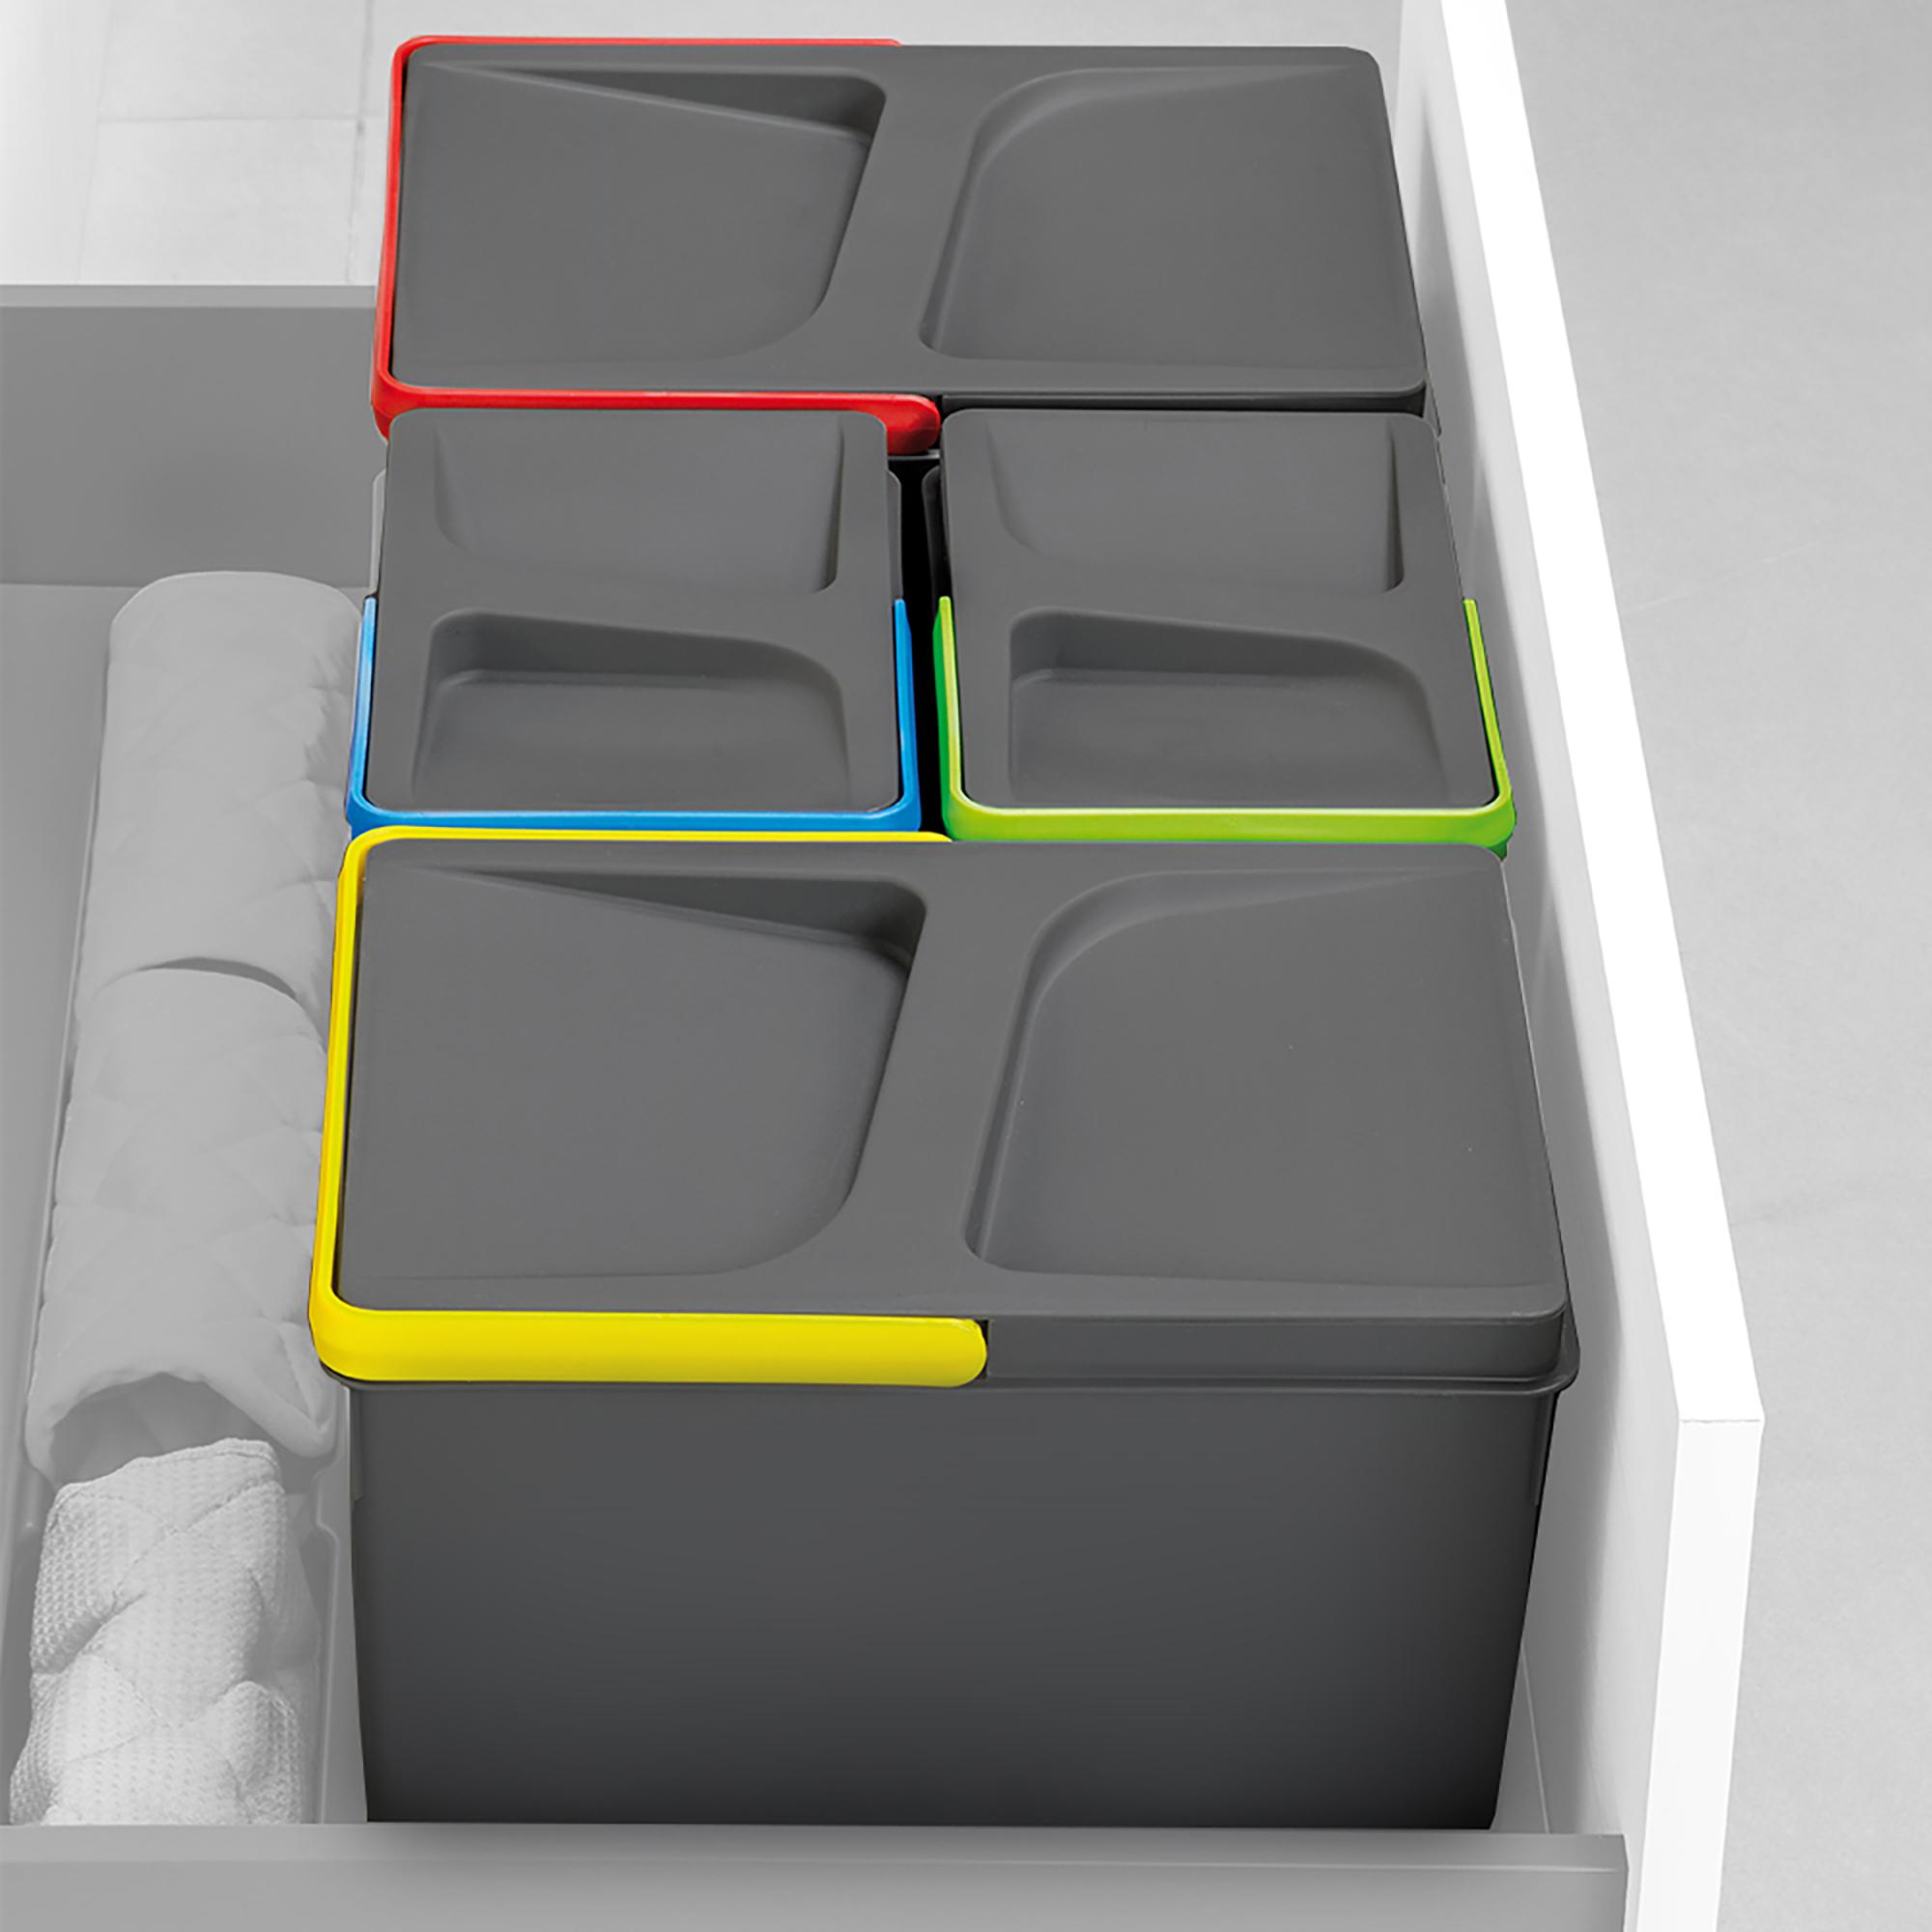 Emuca Contenitori per raccolta differenziata, 12 L +12 L + 6 L + 6 L, modulo 900 mm, Plastica, Grigio antracite, 4 u. + Base